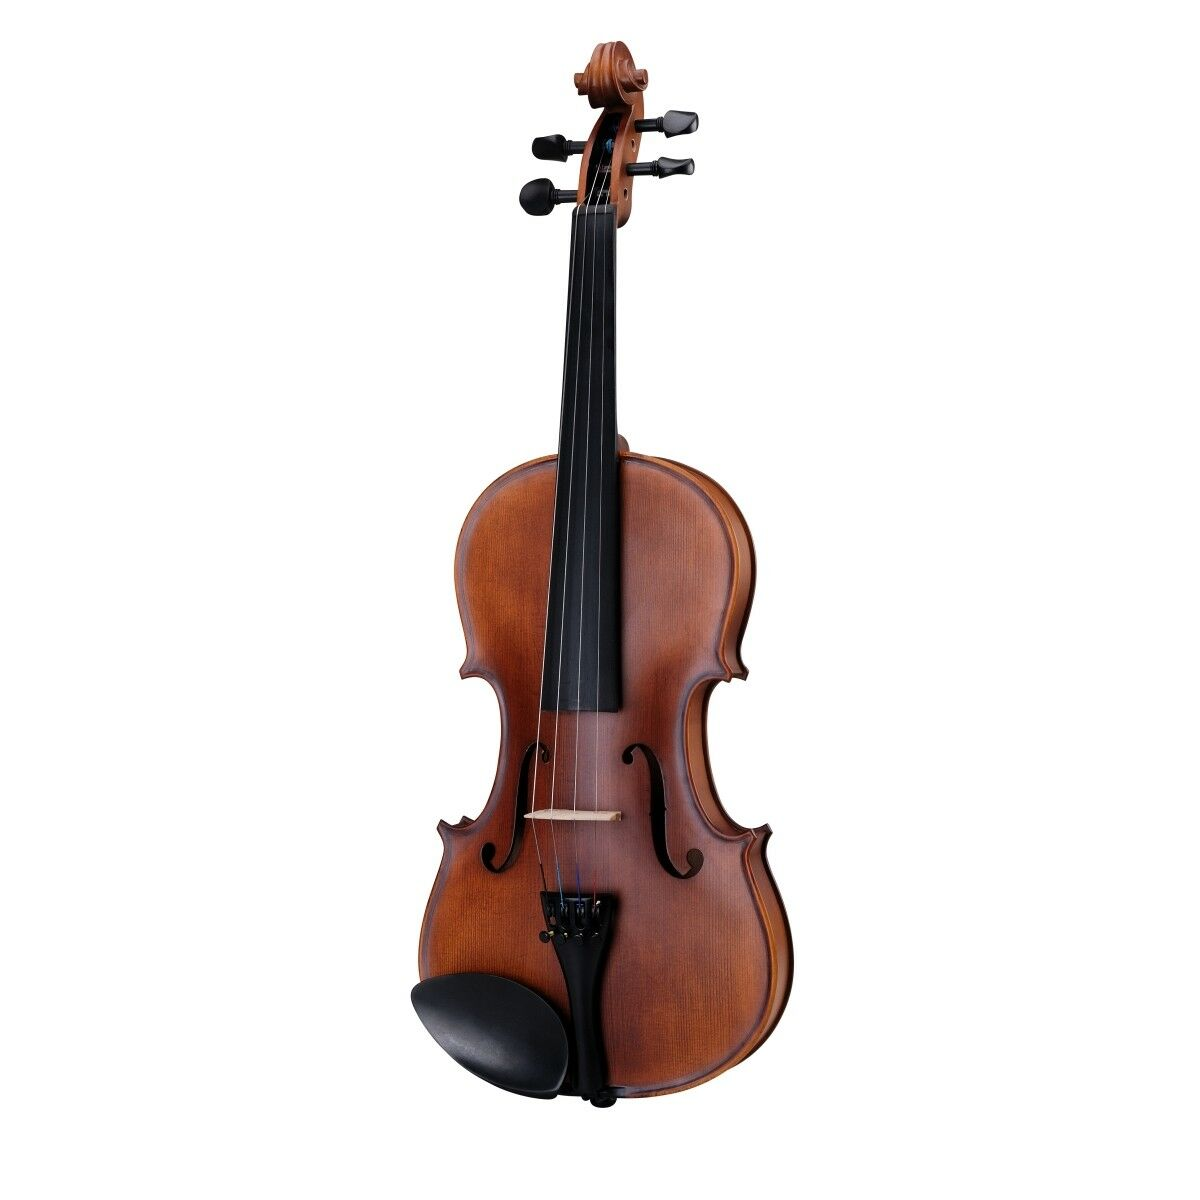 in vendita SOUNDSATION VPVI-14 - Violino Violino Violino Virtuoso Pro 1 4  Spedizione gratuita al 100%